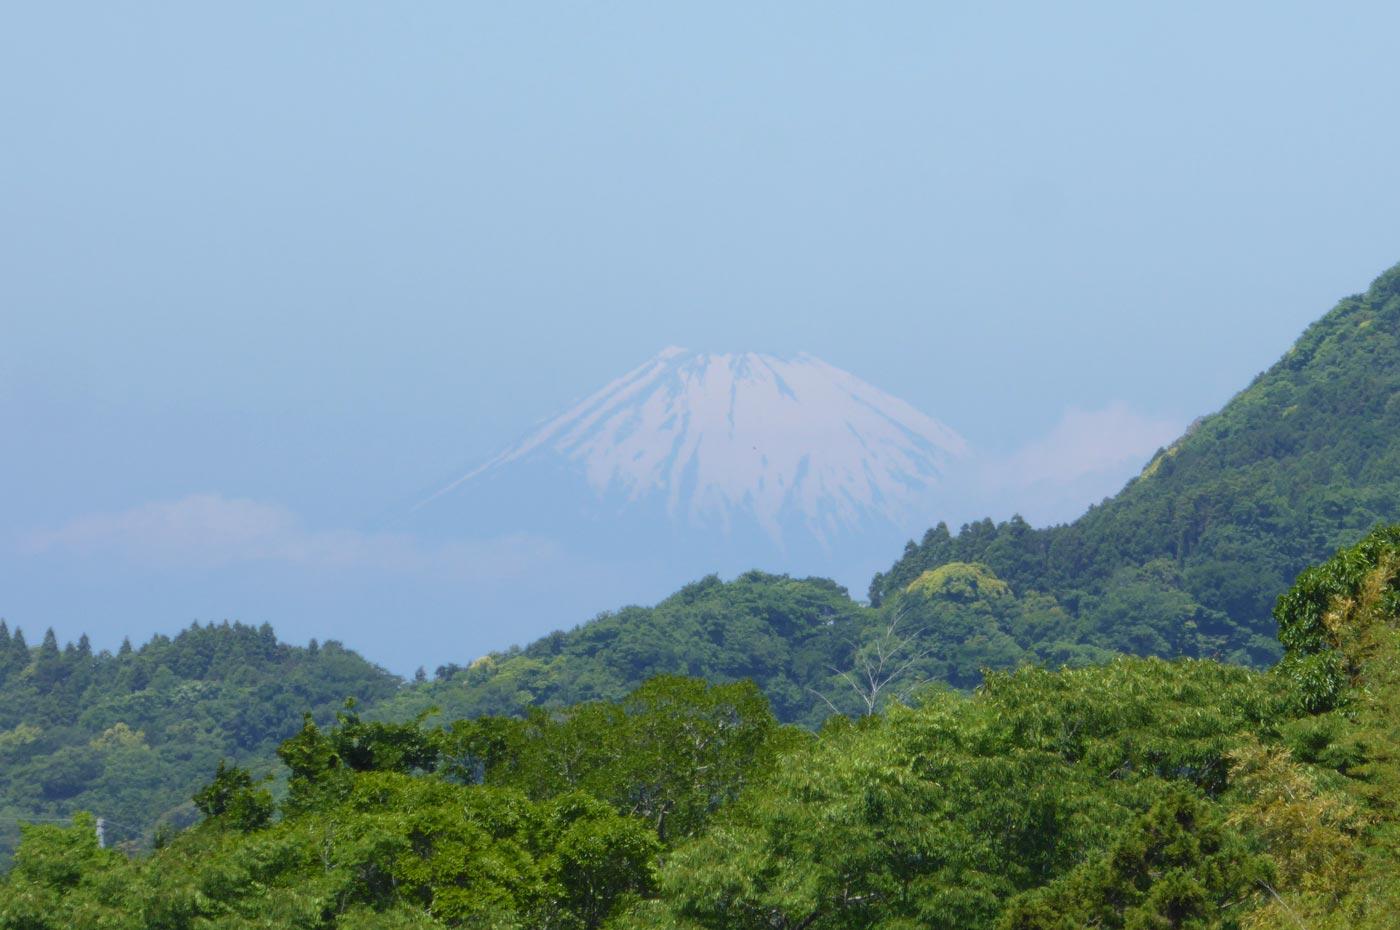 馬森牧場から富士山を撮影